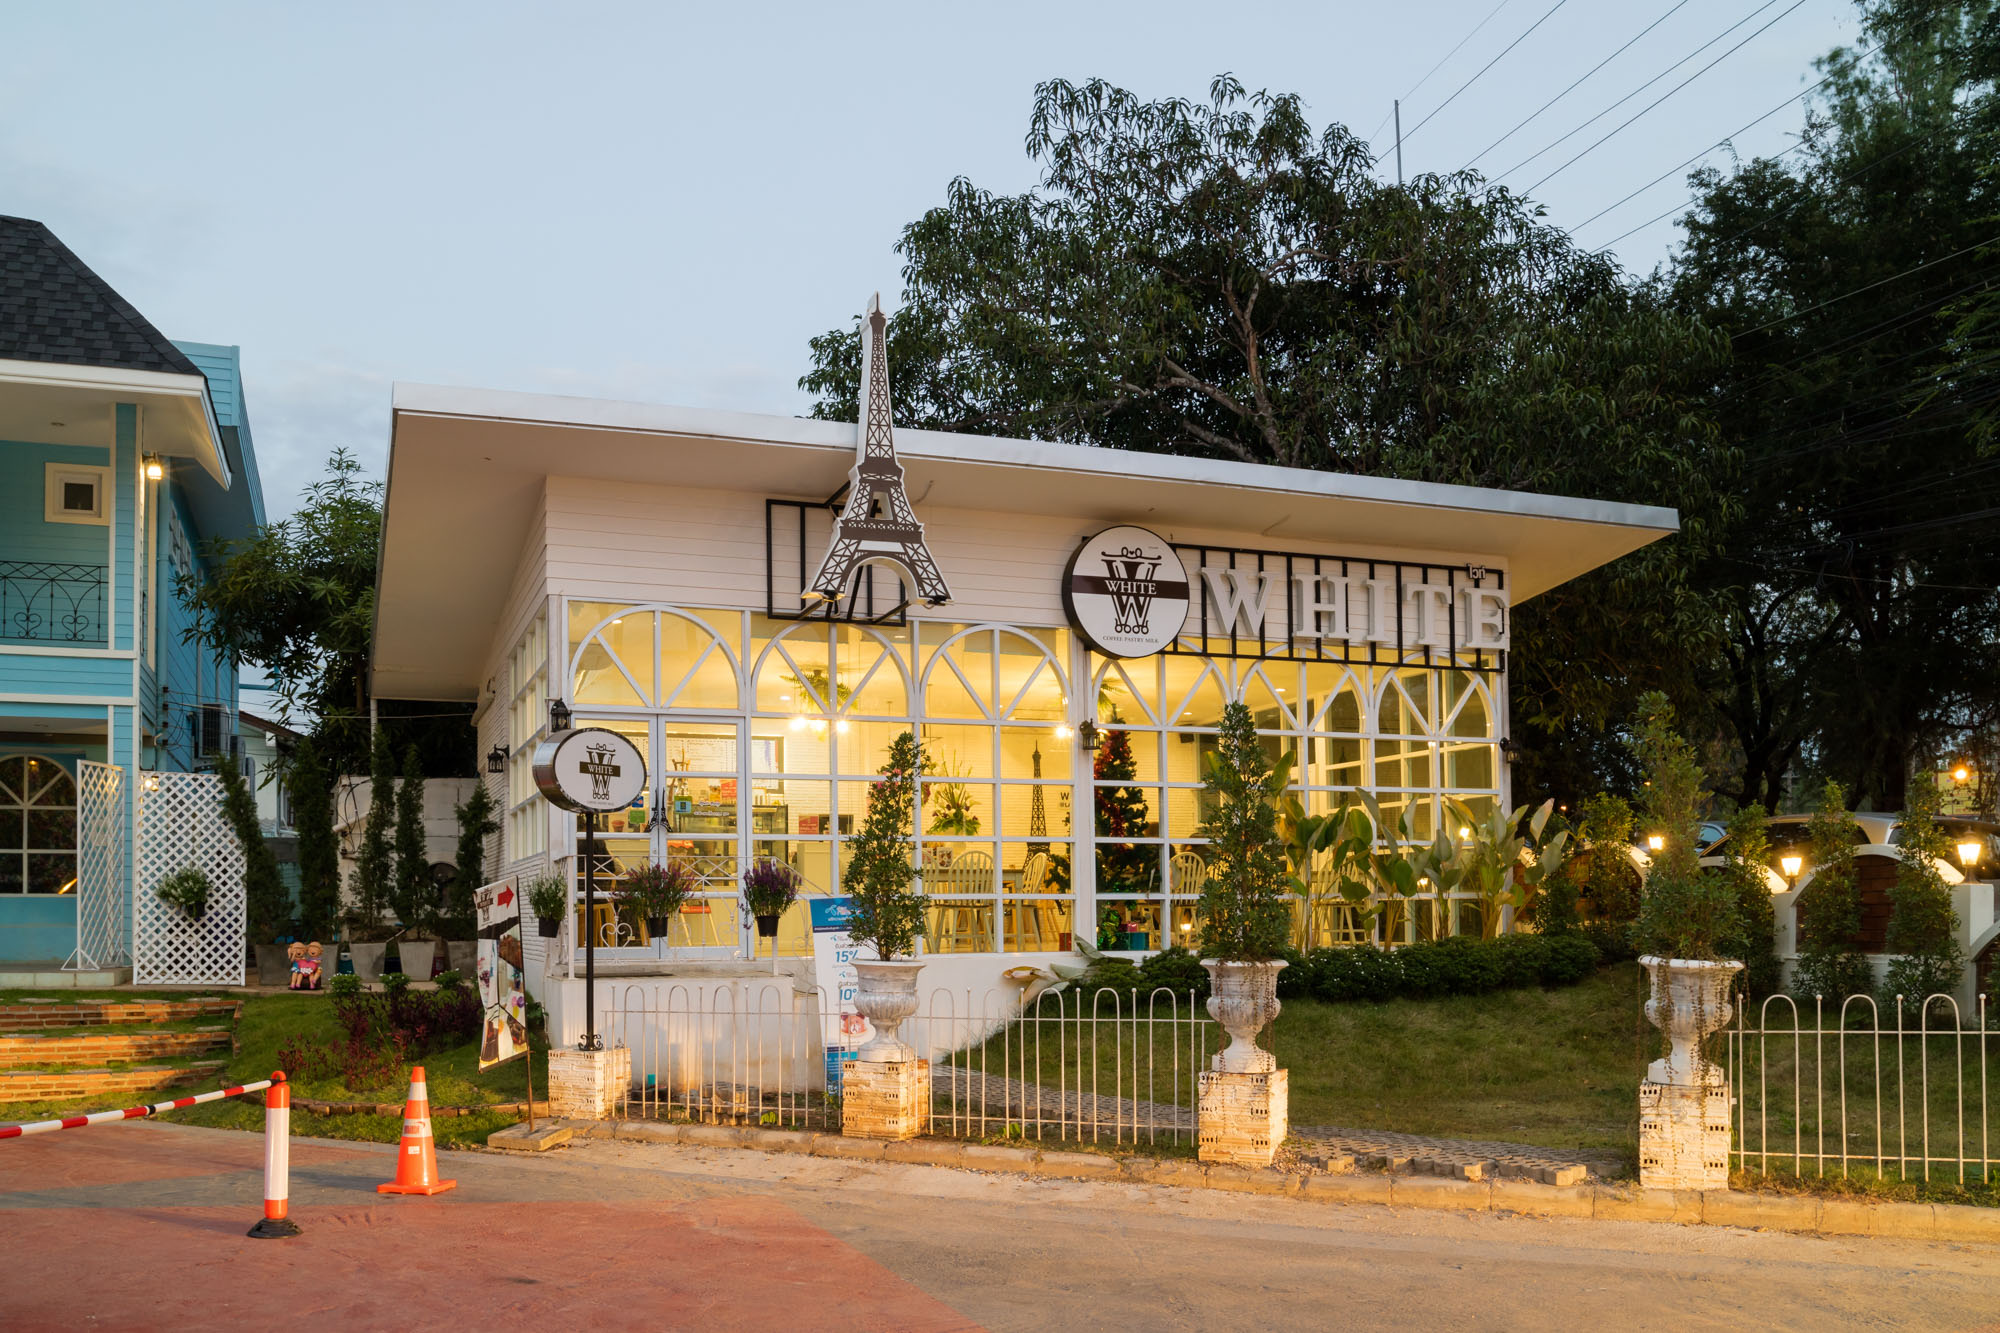 White Coffee ณ บ้านแม่ รีสอร์ท ลำปาง  ณ บ้านแม่ รีสอร์ท Nabaanmae resort ลำปาง งามสไตล์ยุโรป IMG 3860